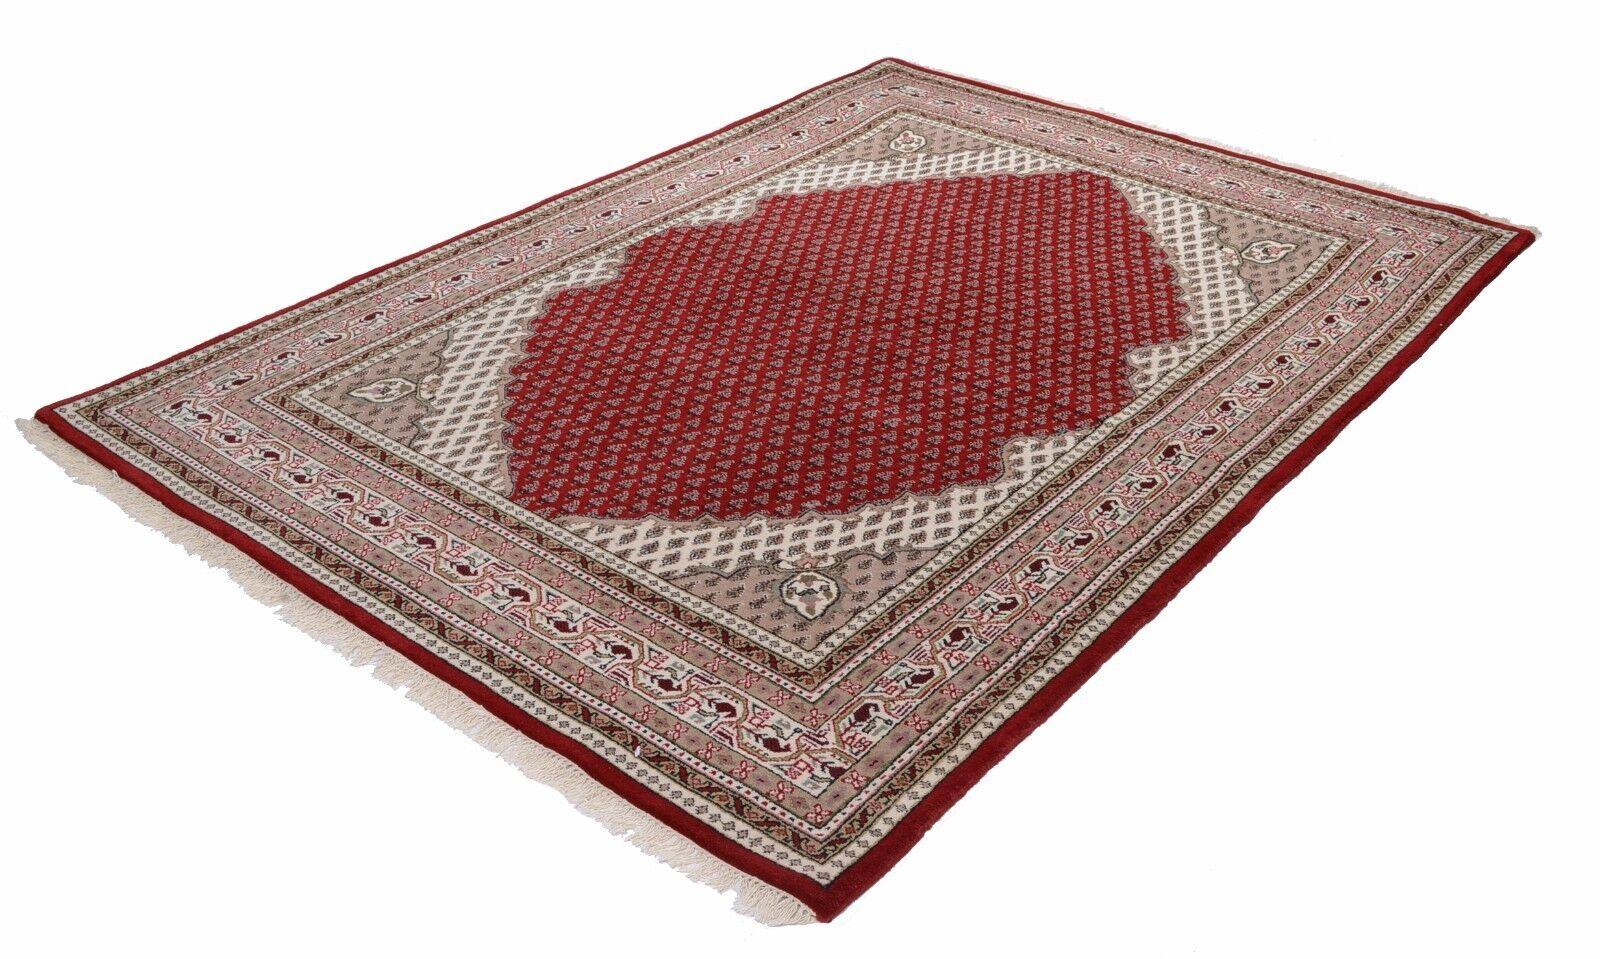 Indo mi SAROUGH Gopala tappeto tappeto tappeto orientale, intessuti a mano, 100% LANA VERGINE Rosso Nuovo a43c5f